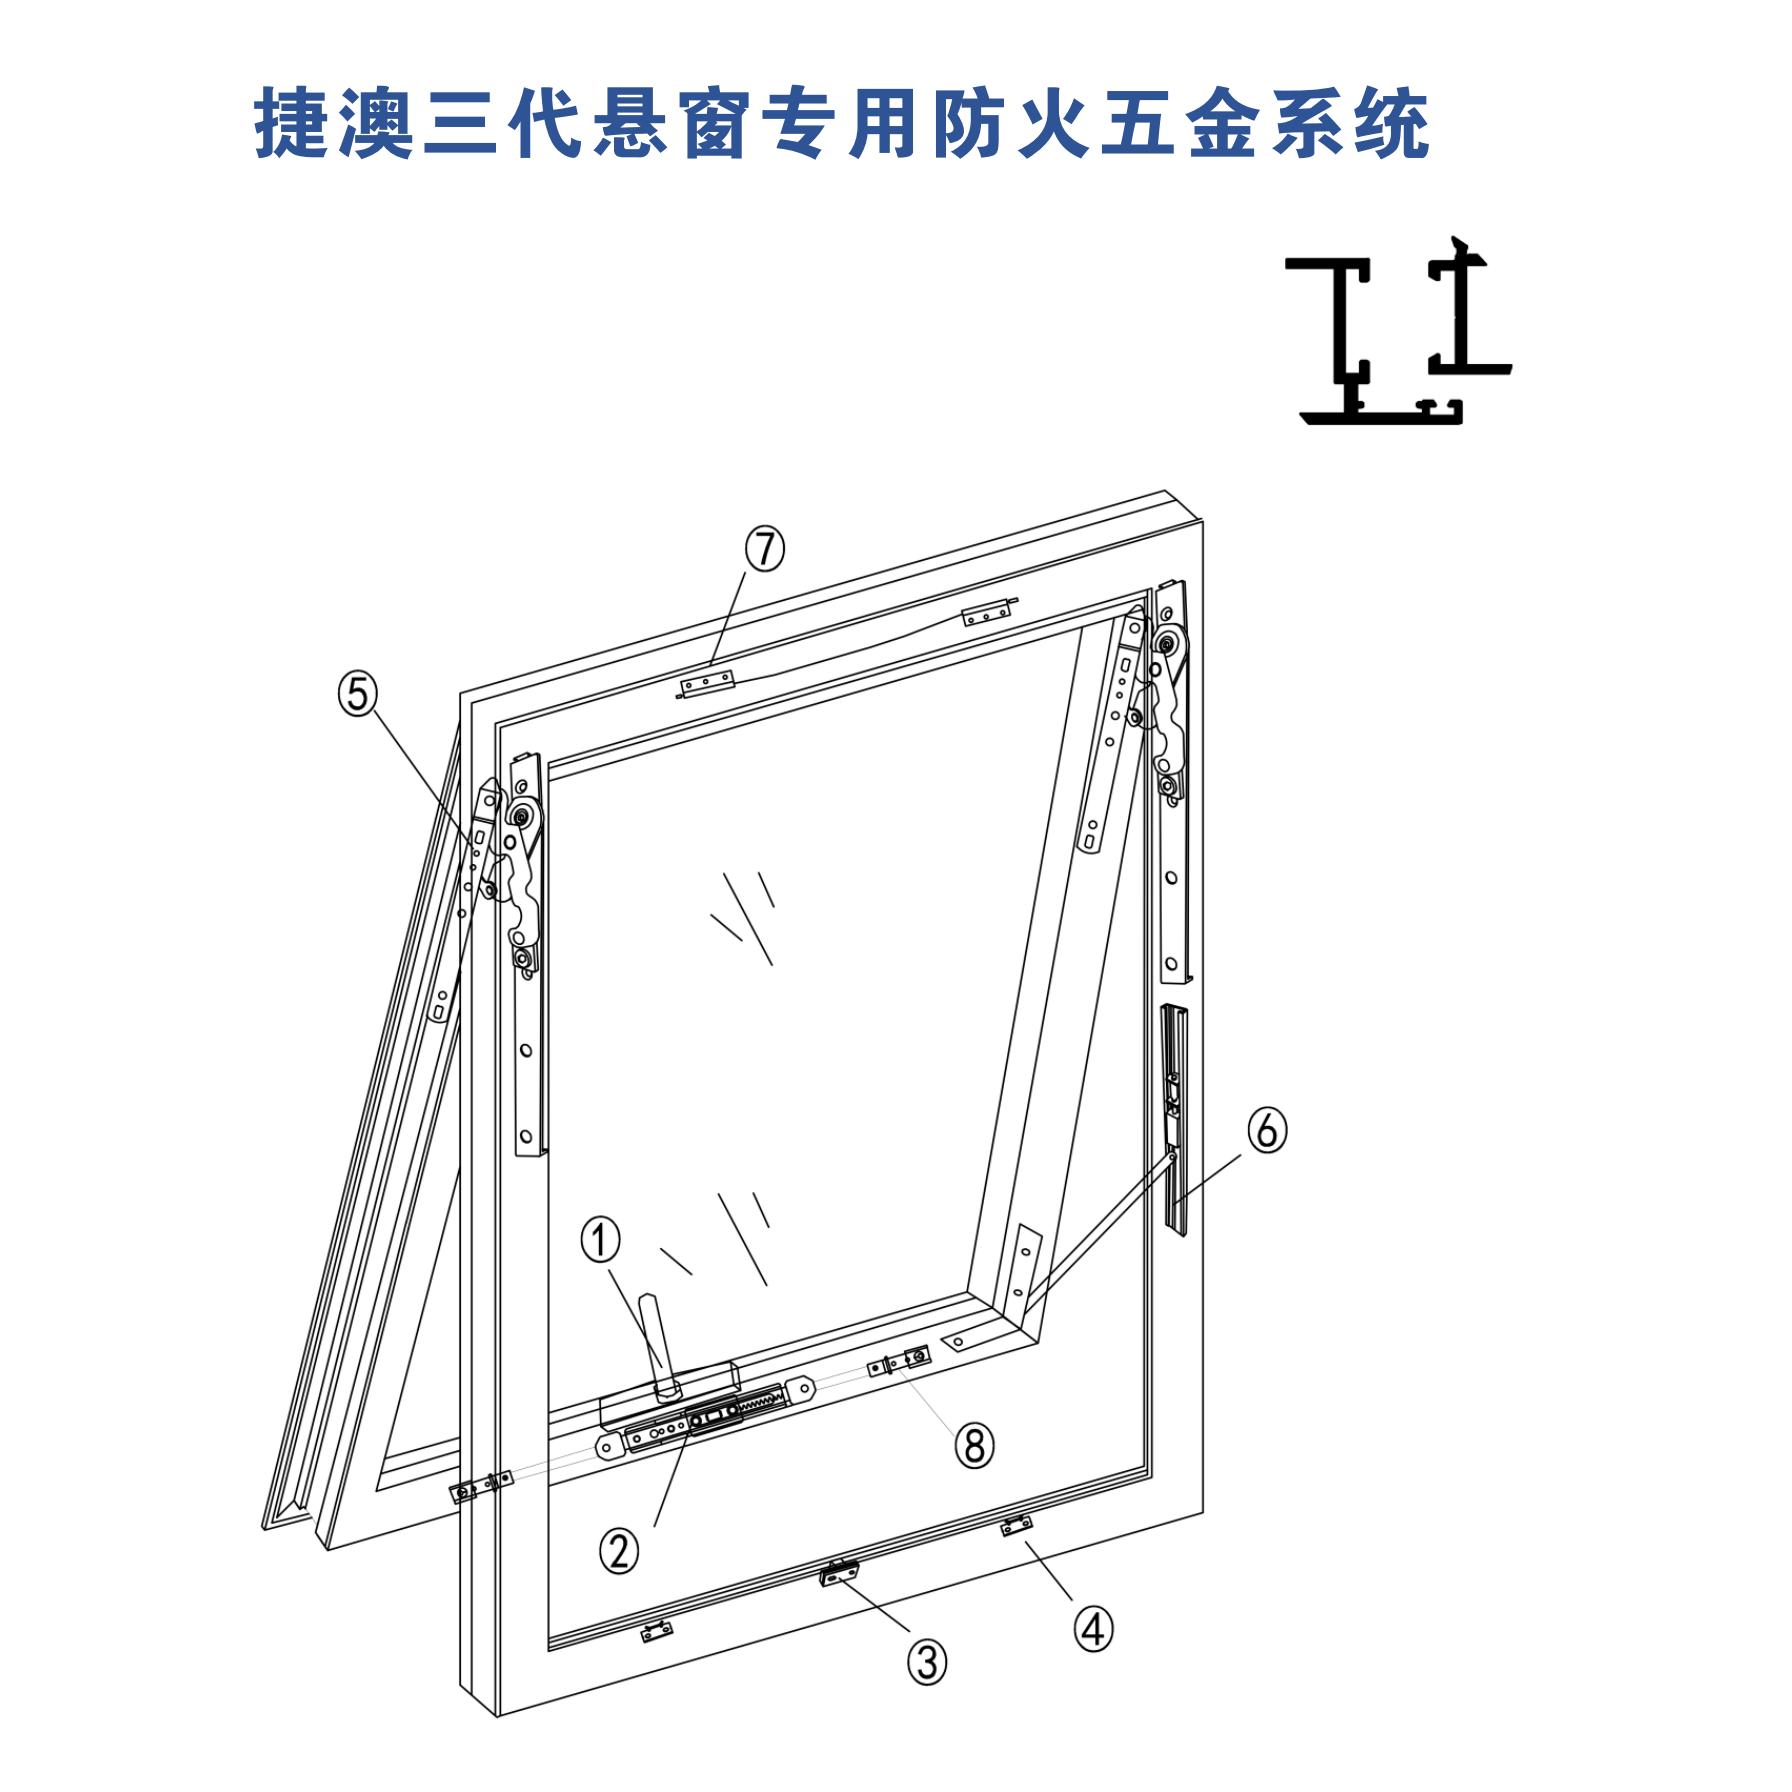 九游会j9官网备用三代悬窗专用防火五金系统